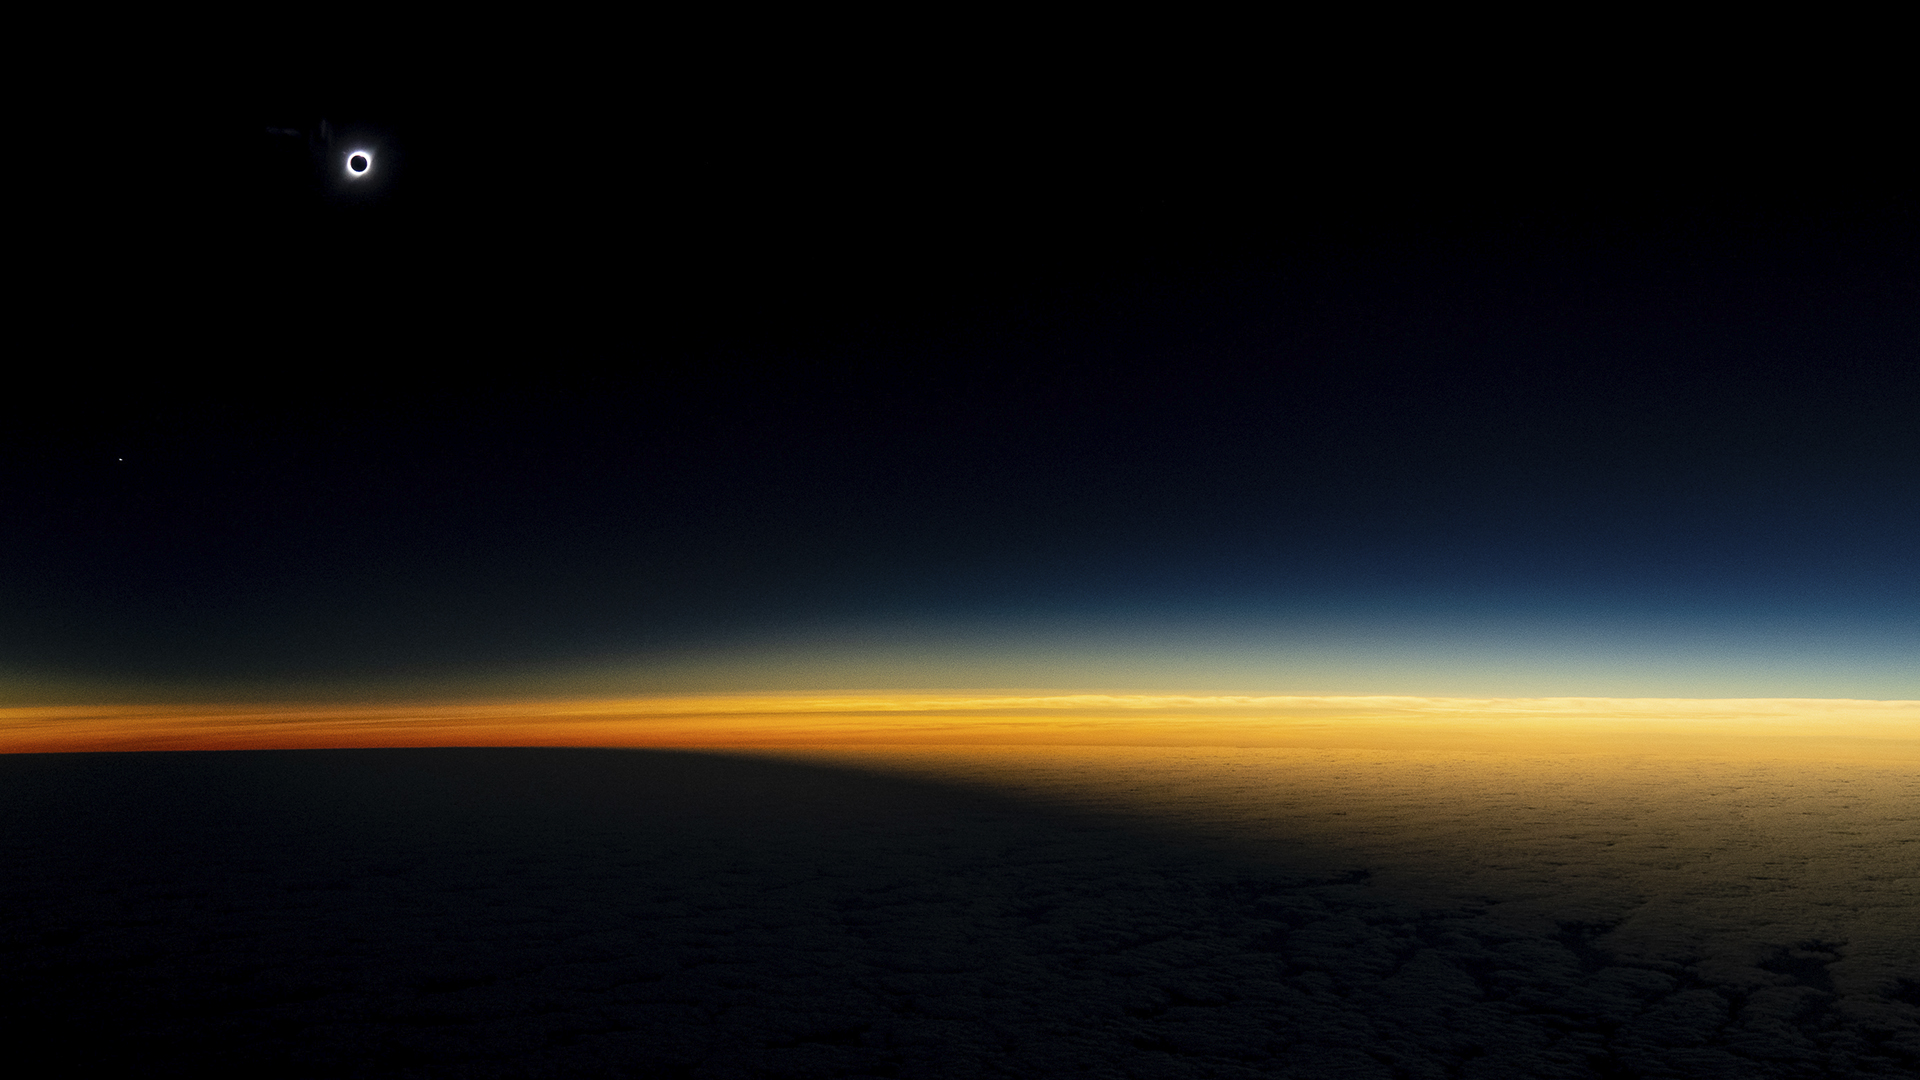 Segundos antes de que el eclipse solar se vuelva total, desde el avión se percibía la llegada inminente de la umbra. La franja de oscuridad total midió cerca de 147 kilómetros de ancho. Desde el avión se distinguió todo el corredor de sombra (Armando Vega, explorador National Geographic)